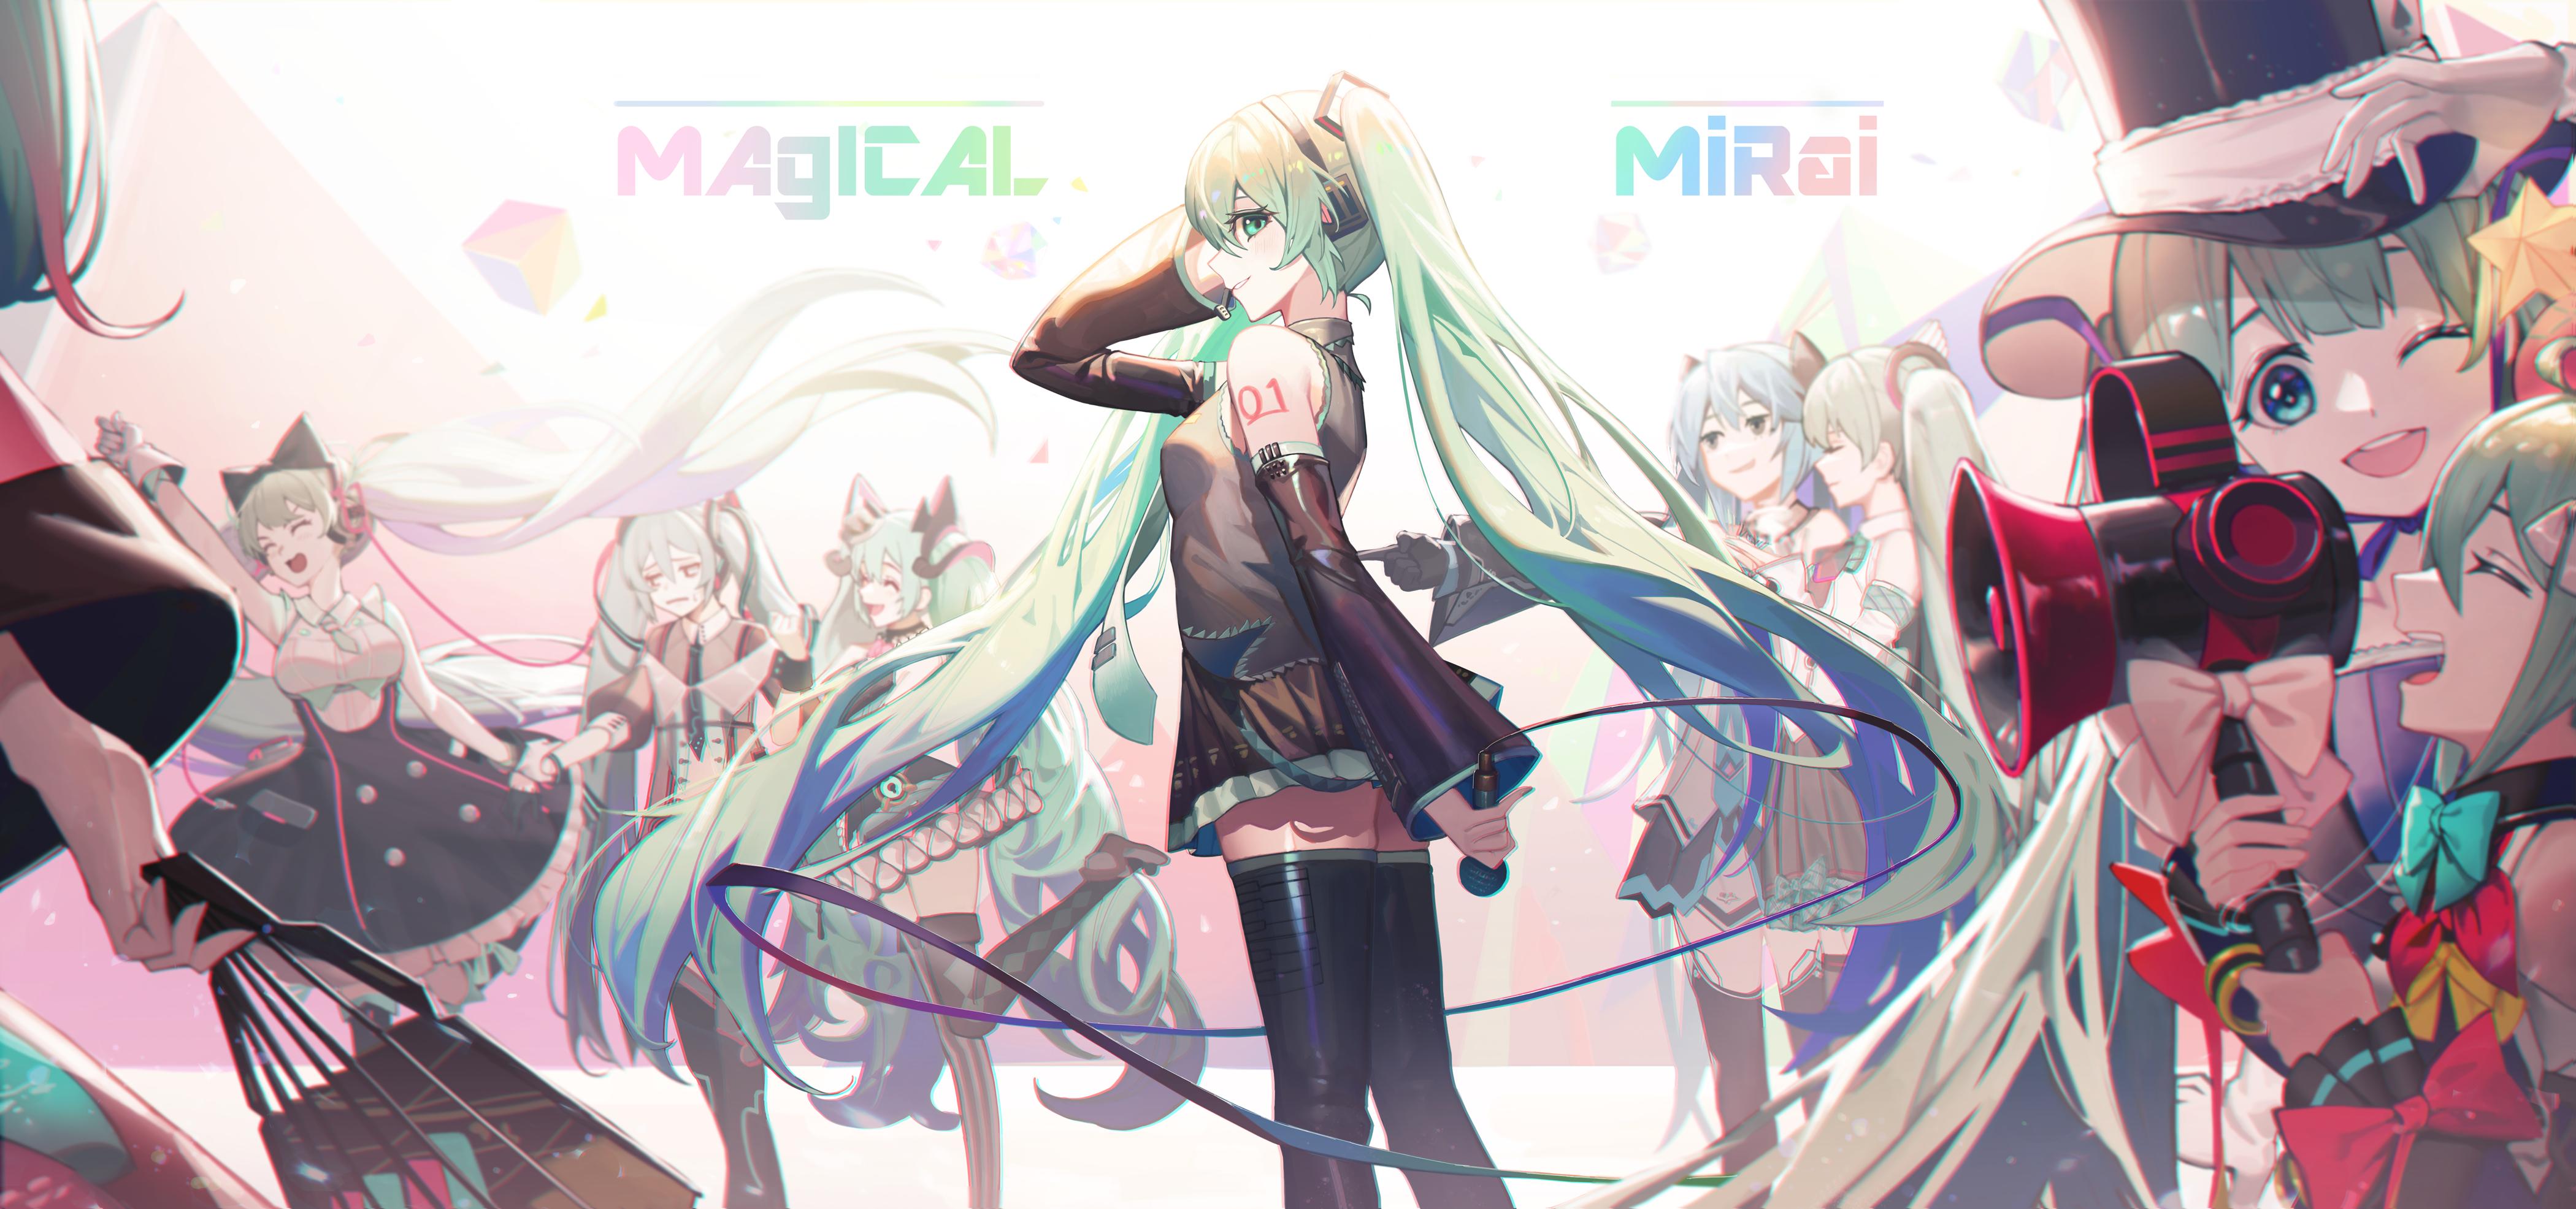 マジミラ by DL